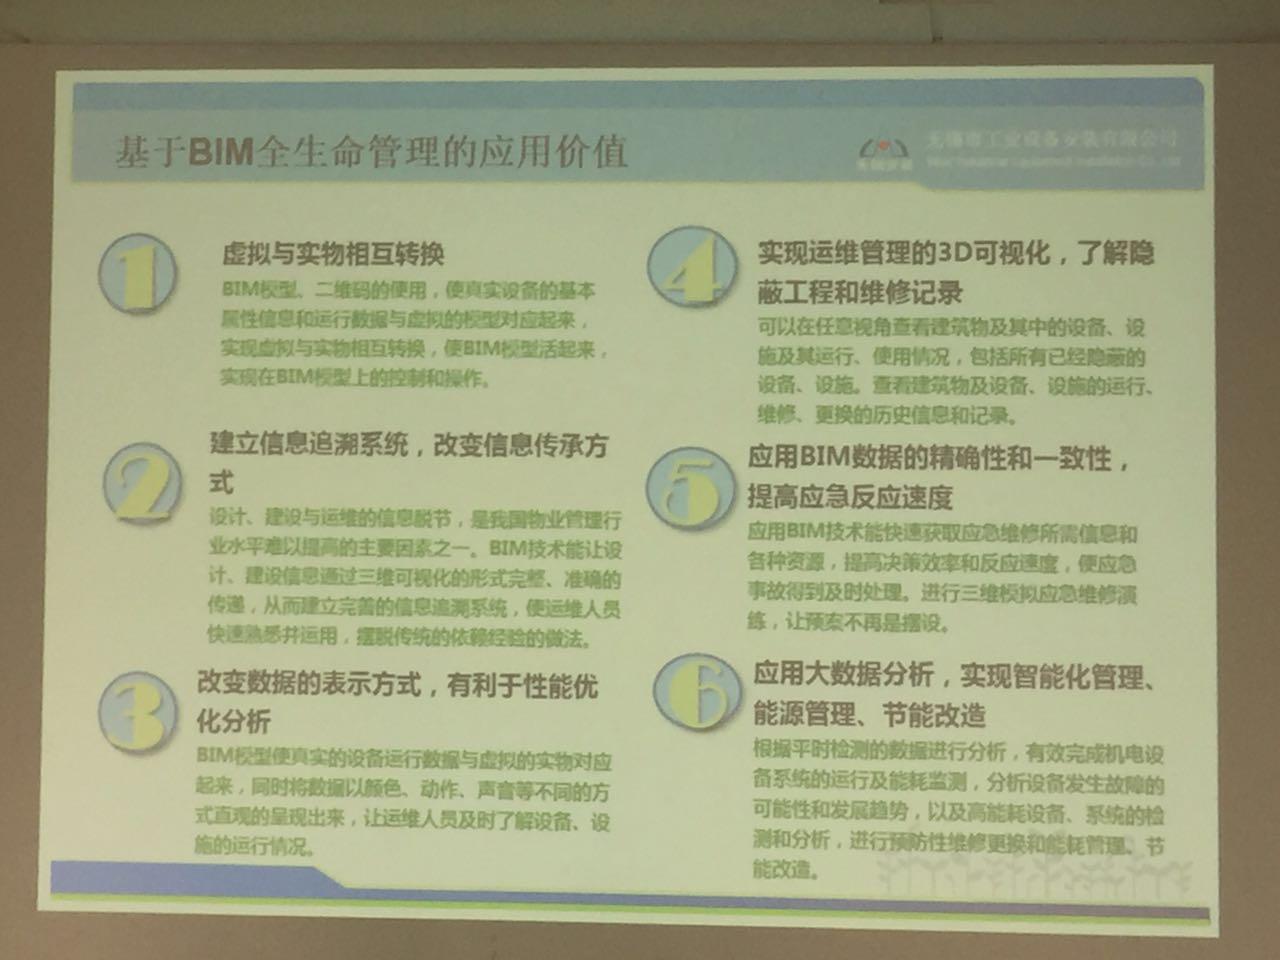 先睹为快:第二届江苏省安装行业BIM技术应用大赛评选- 2017年3月10日